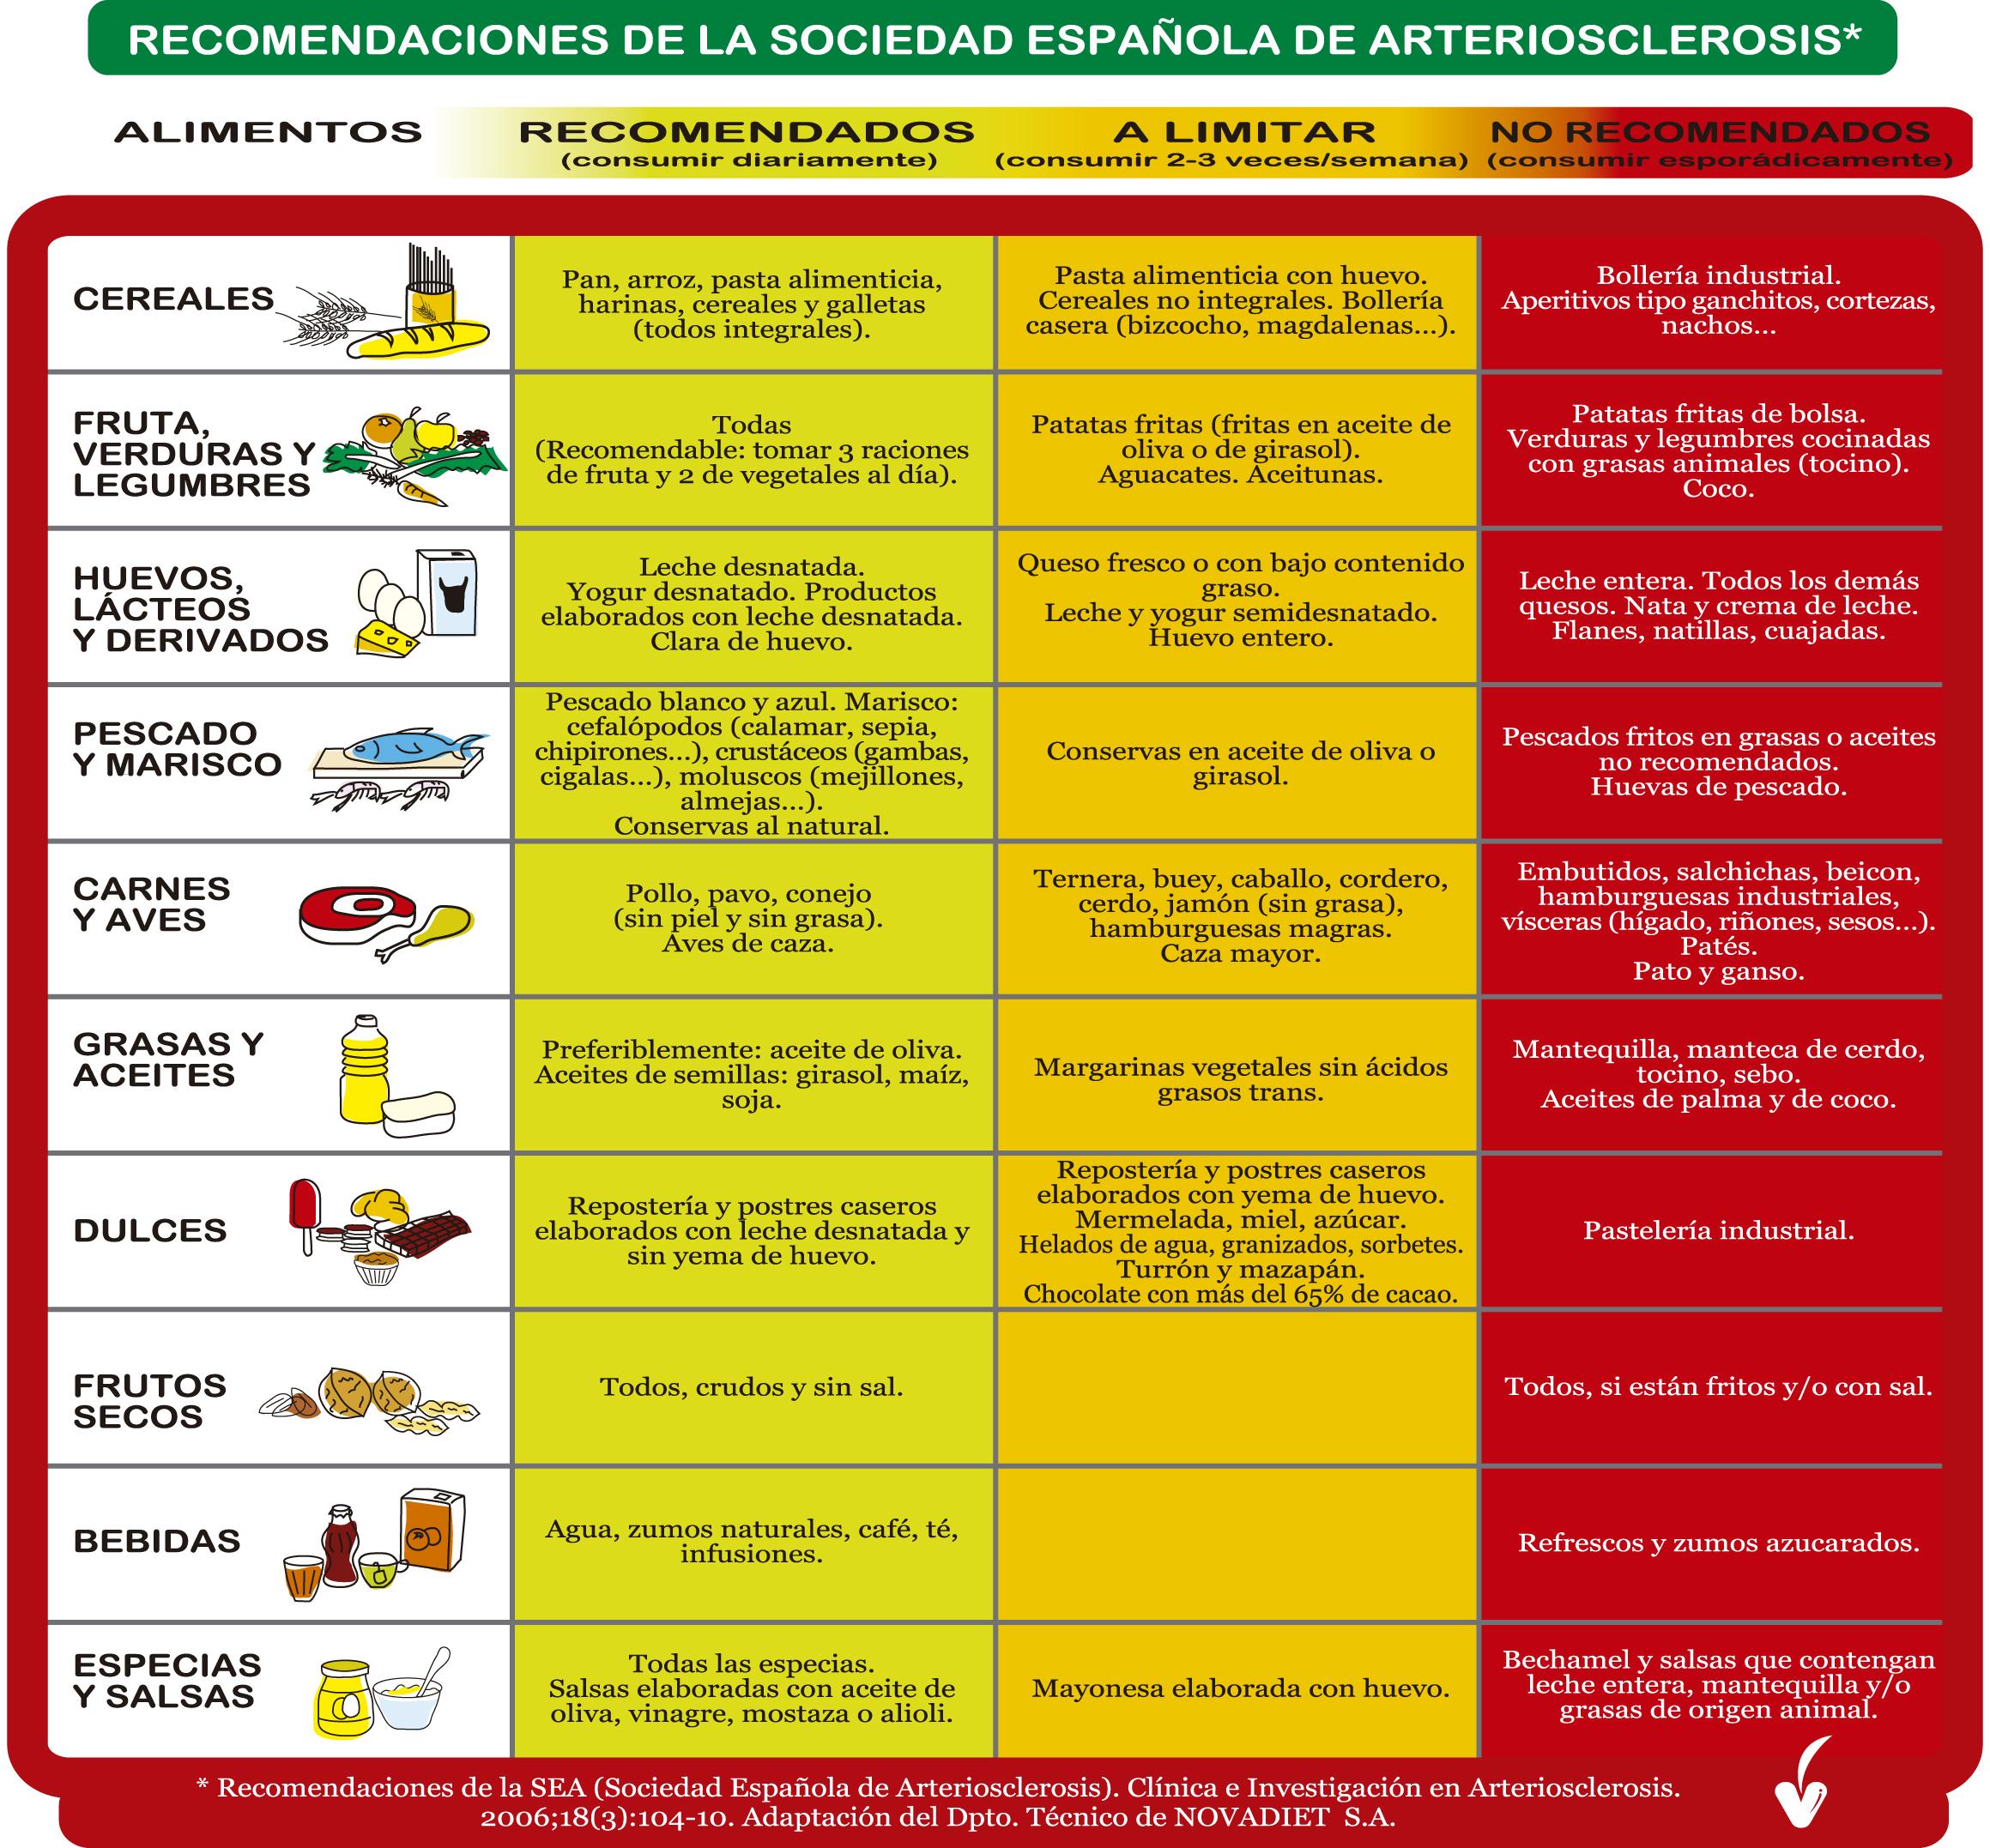 Recomendaciones de la Sociedad Española de Arterioesclerosis